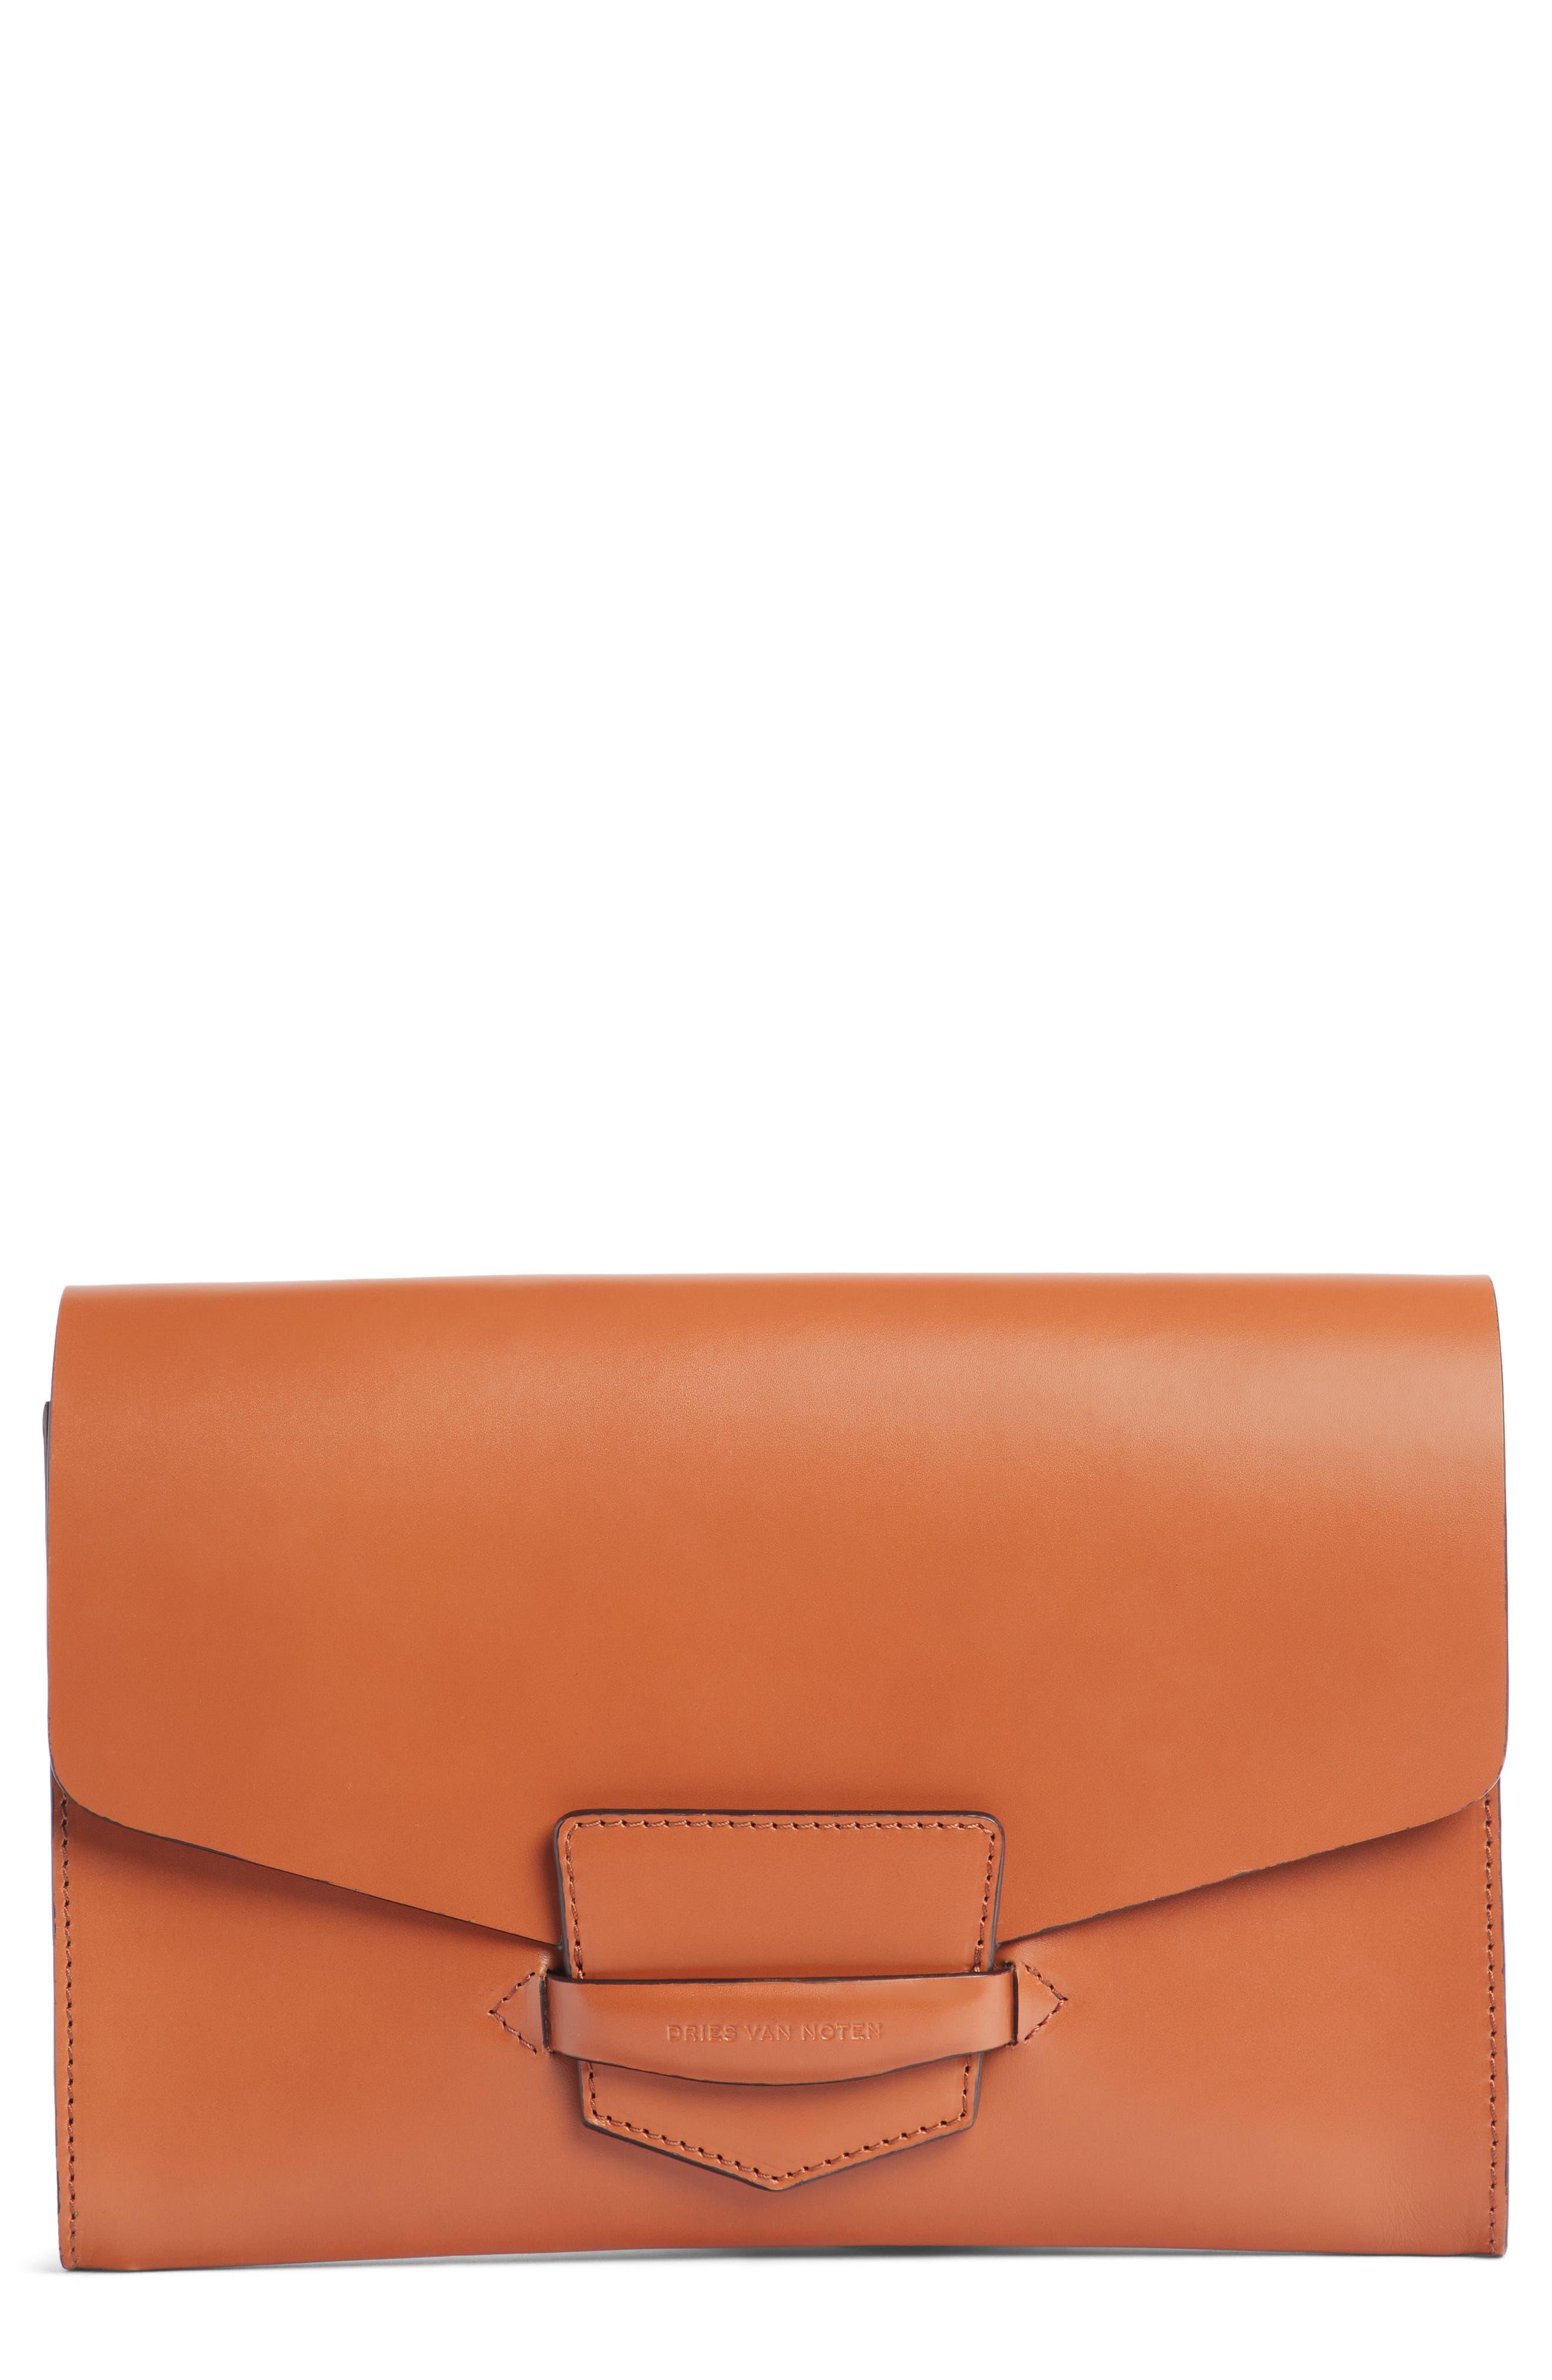 DRIES VAN NOTEN,                             Leather Envelope Clutch,                             Main thumbnail 1, color,                             200